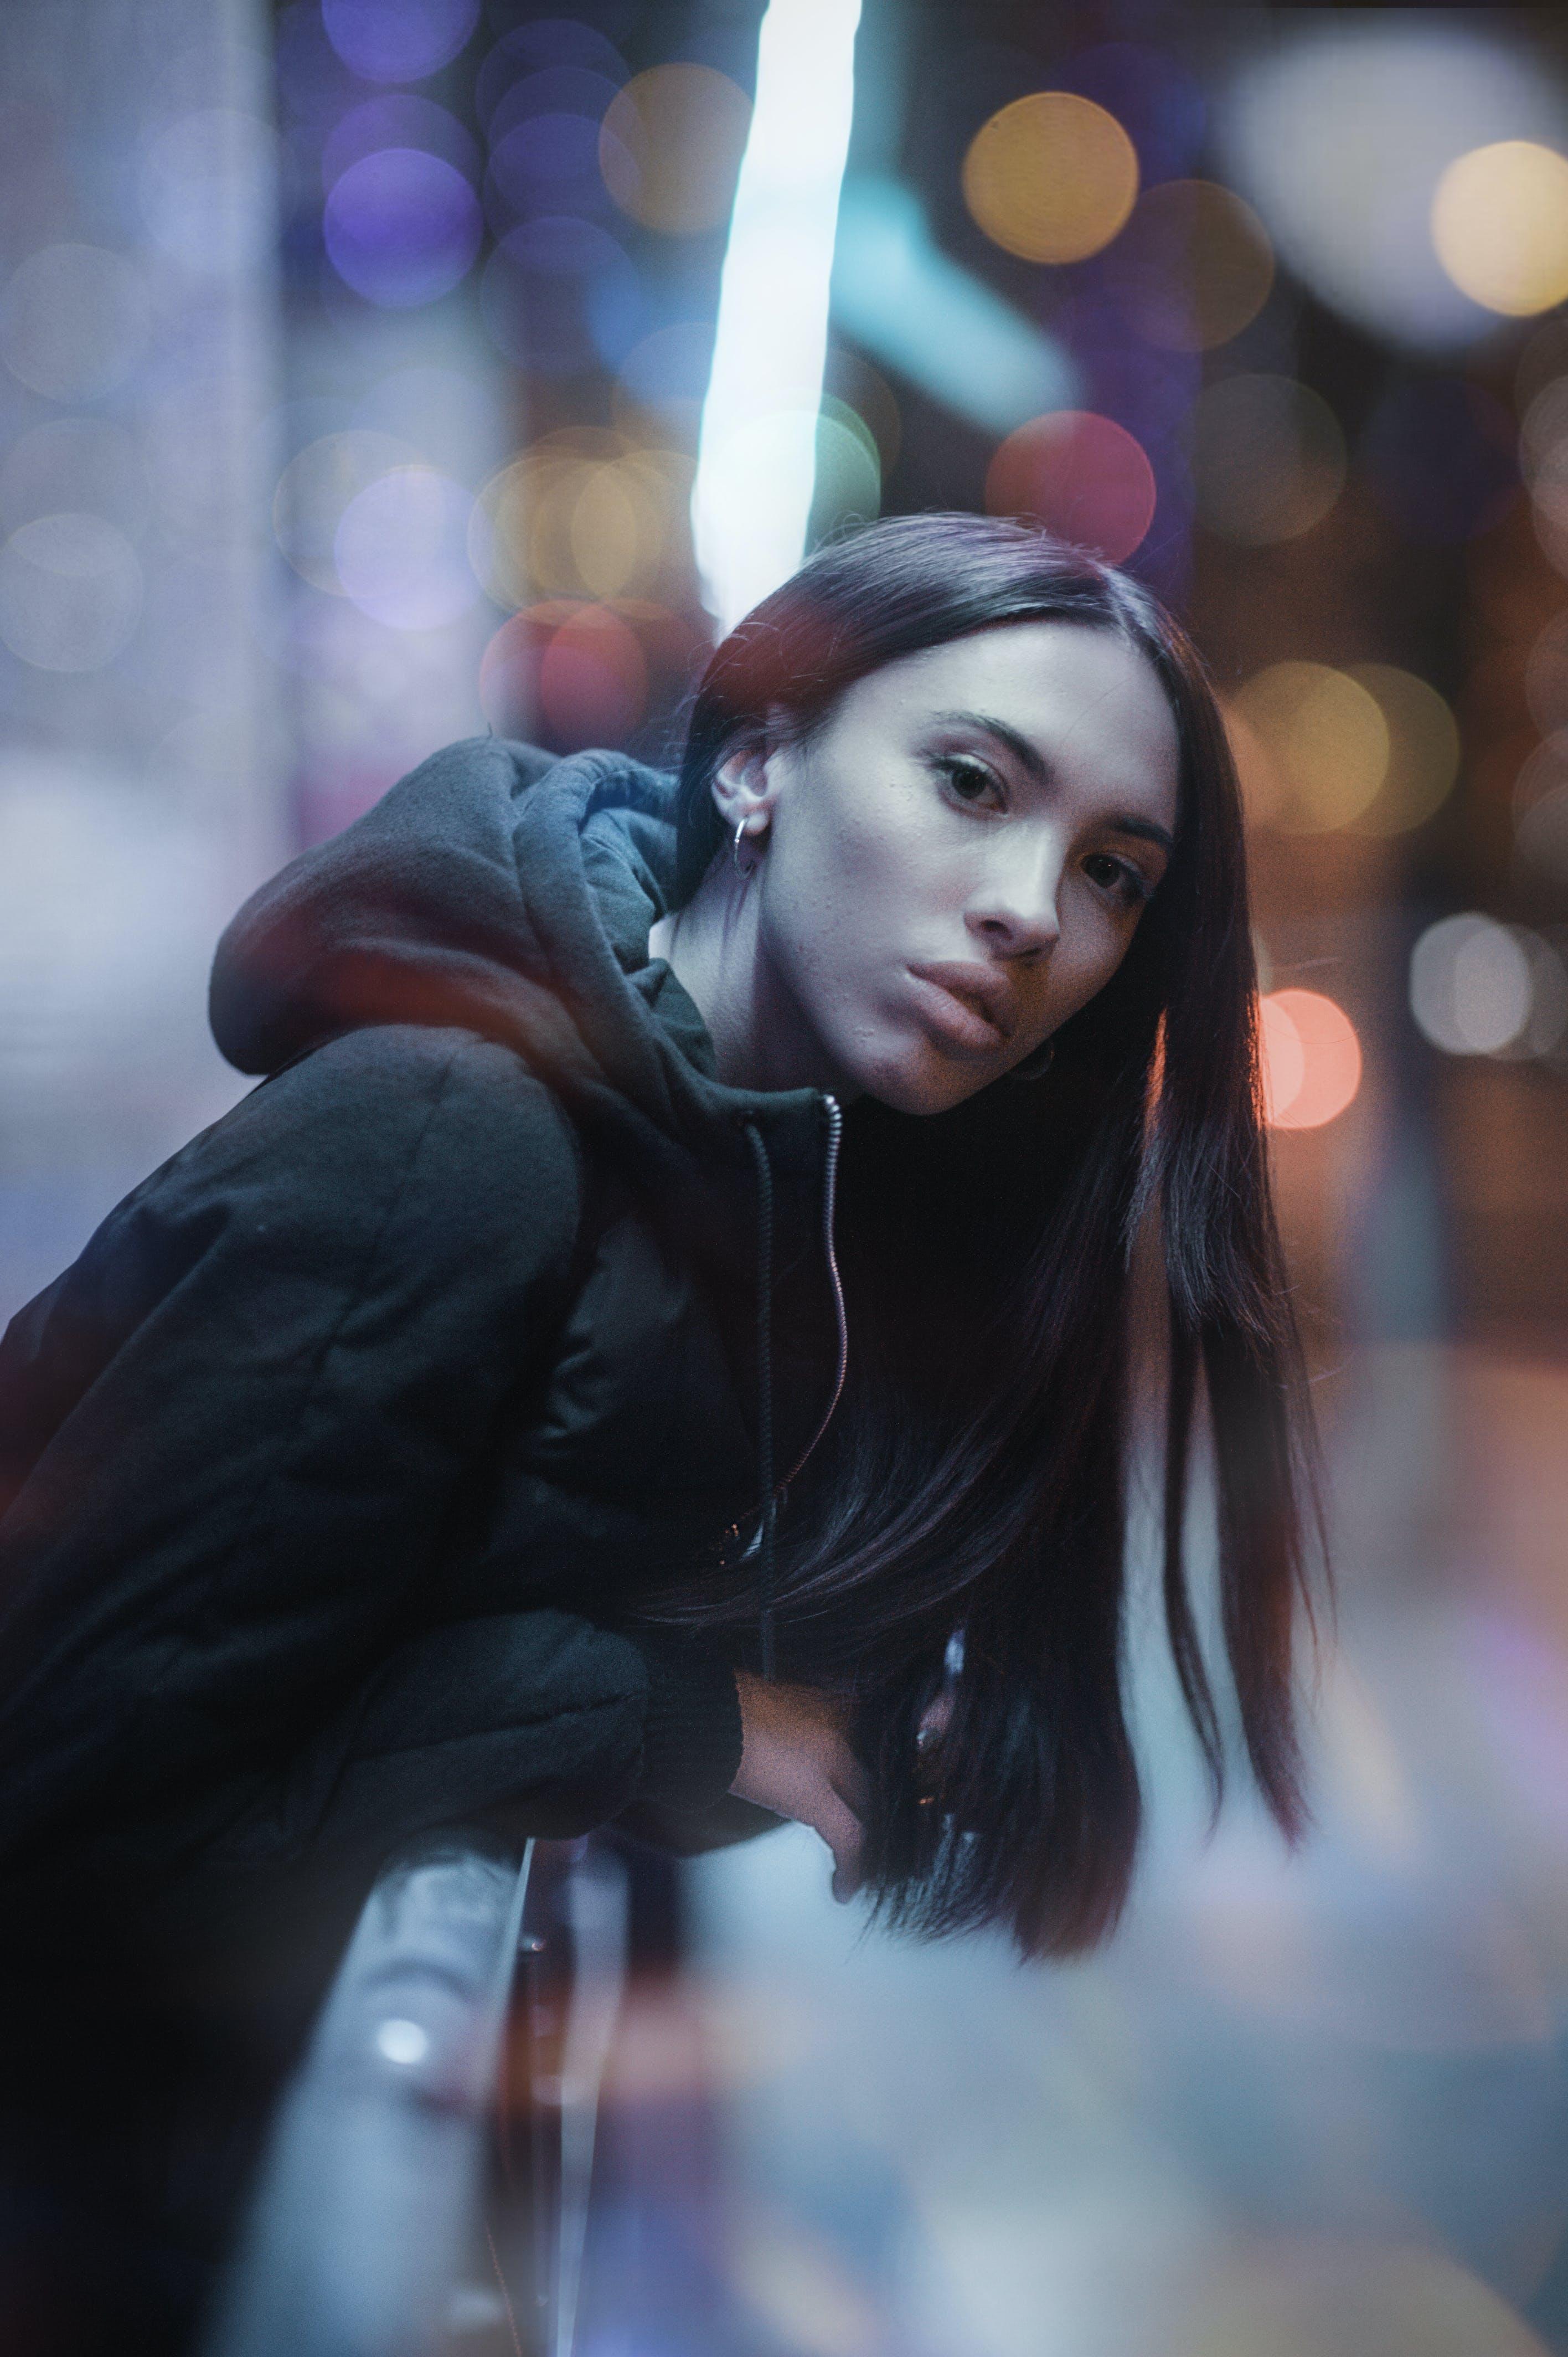 Woman Wearing Black Parka Hoodie